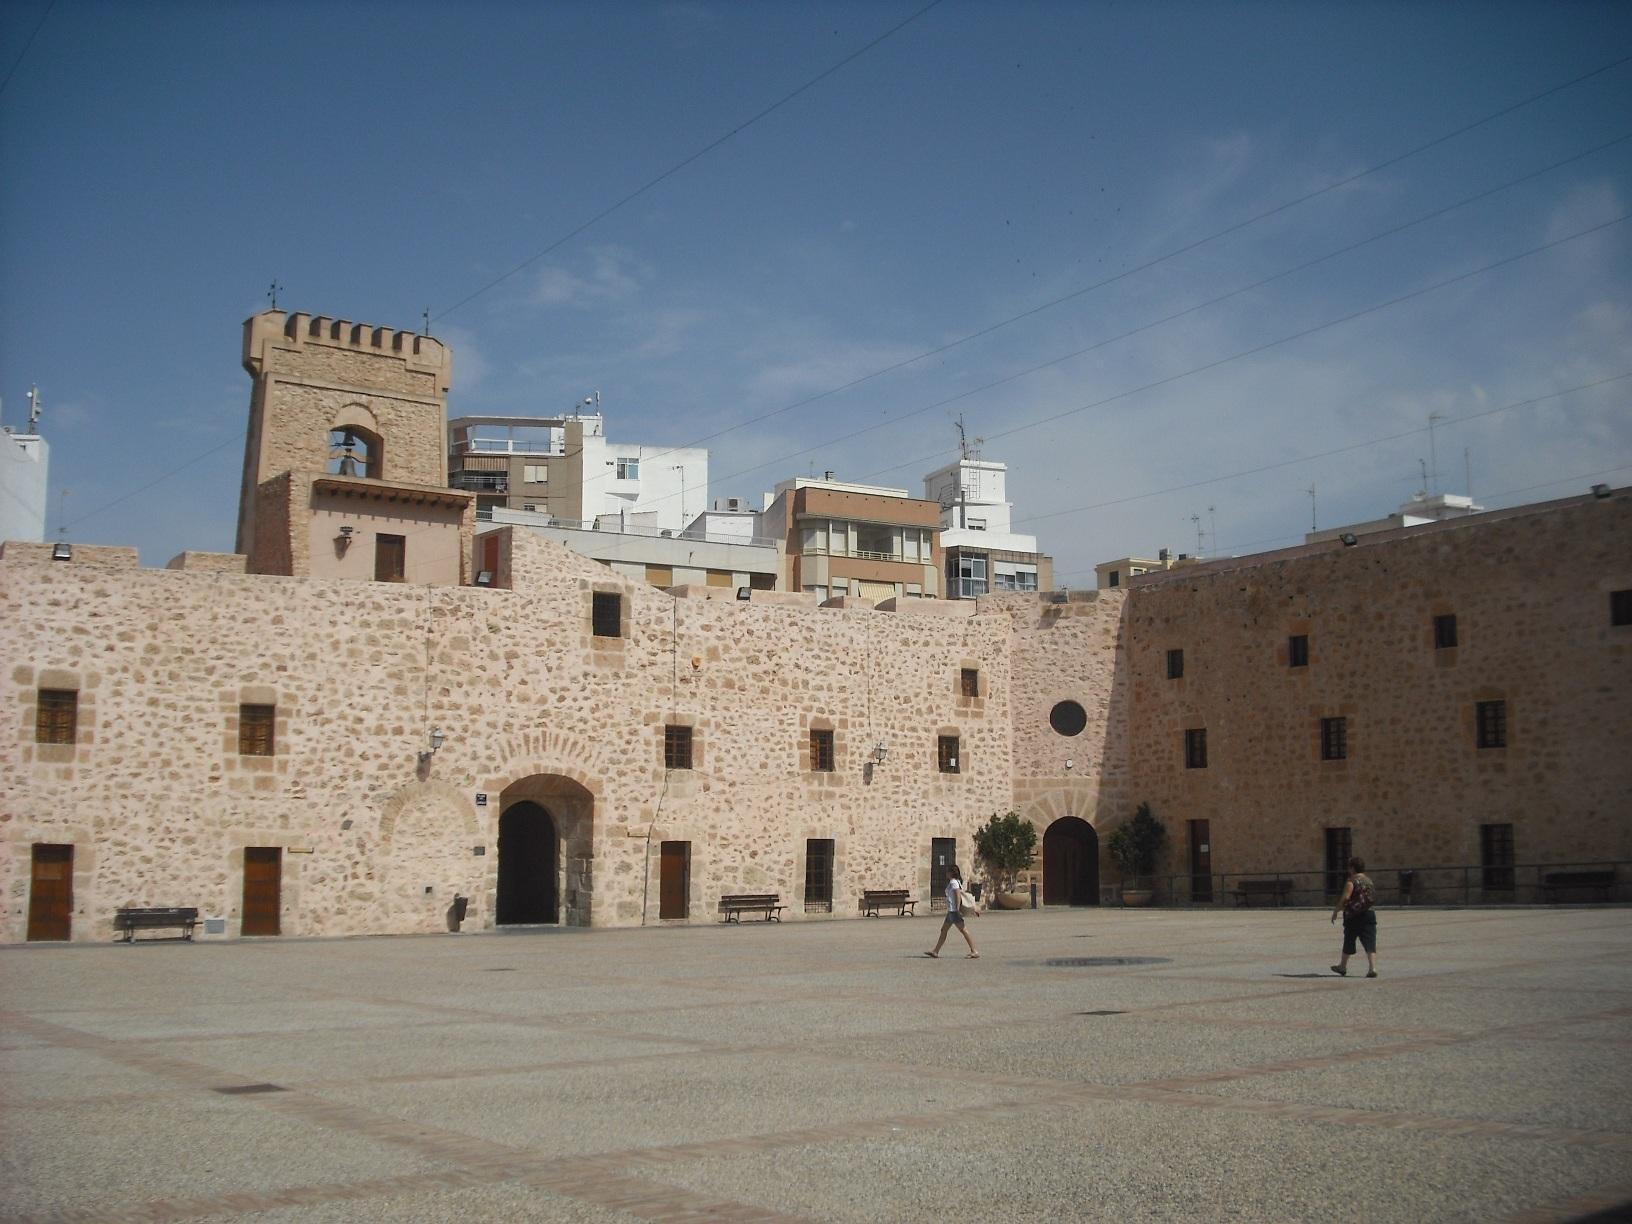 Castillo-Fortaleza de Santa Pola